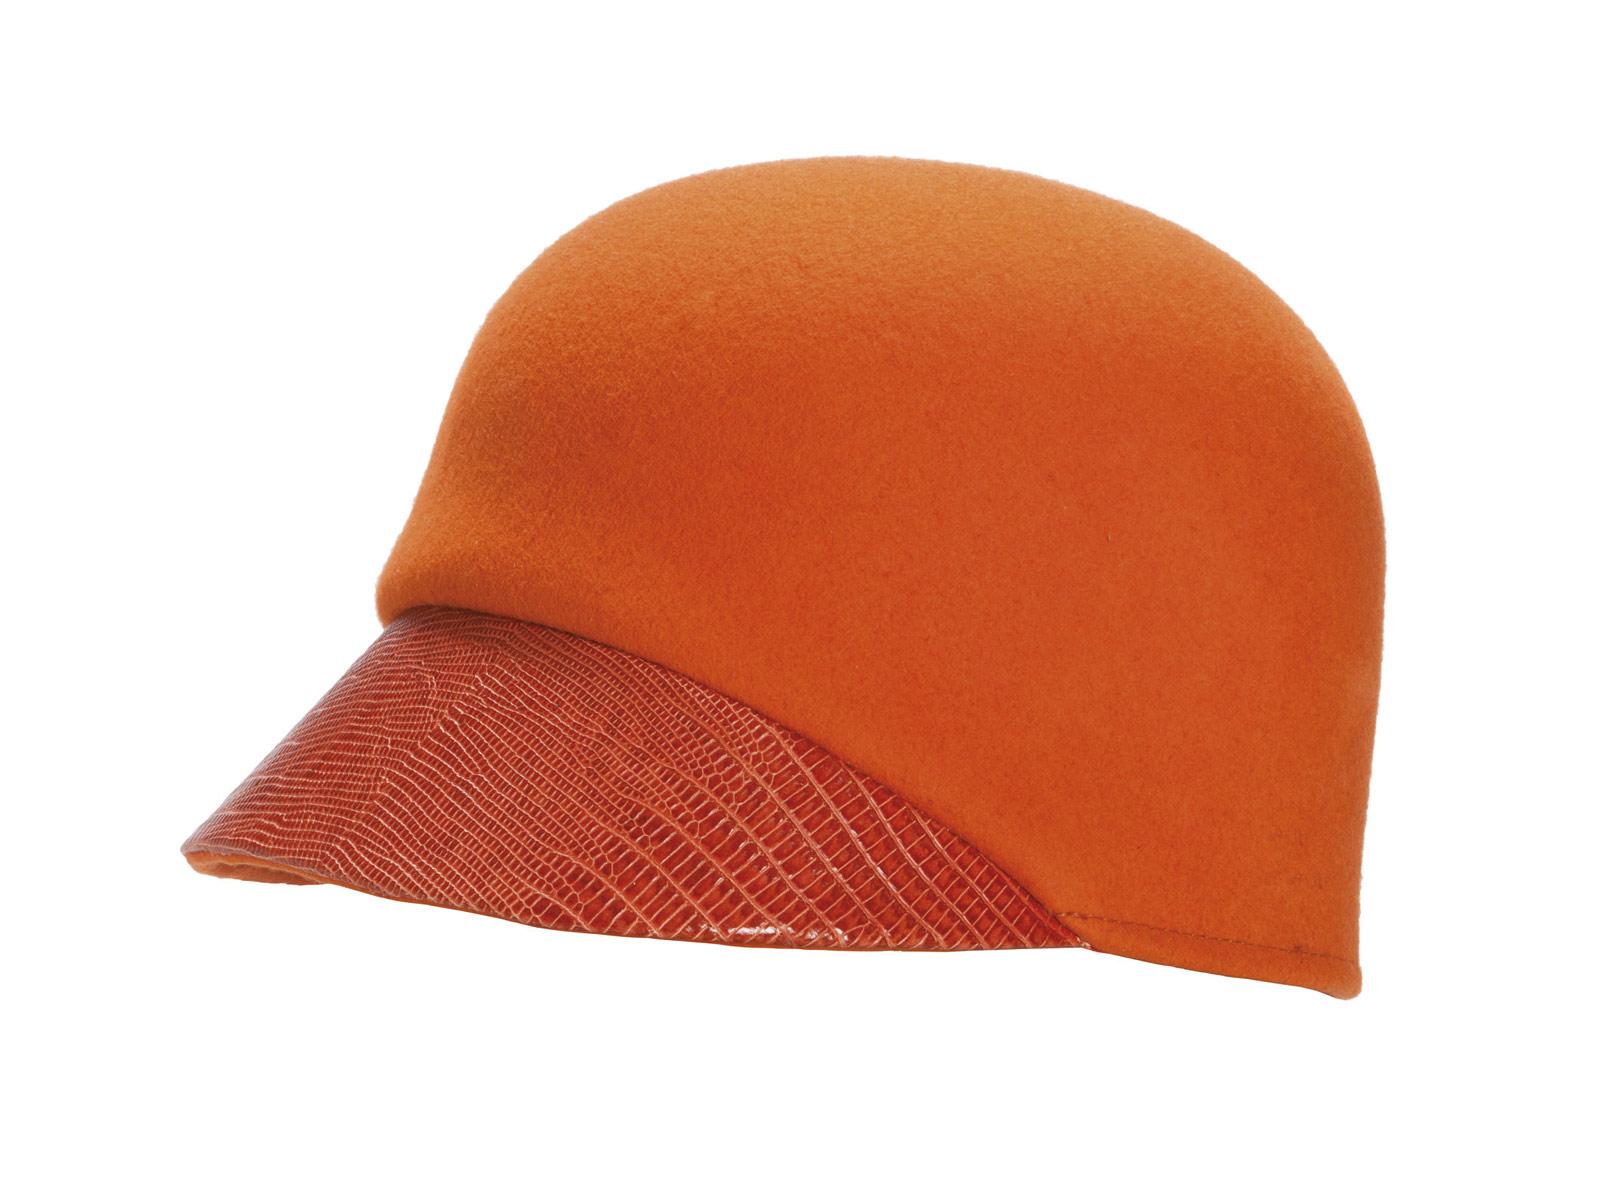 Шляпа,    Max & Co  ГУМ, Красная пл., 3,  тел. (495) 620 3255 цена  8 560 руб.